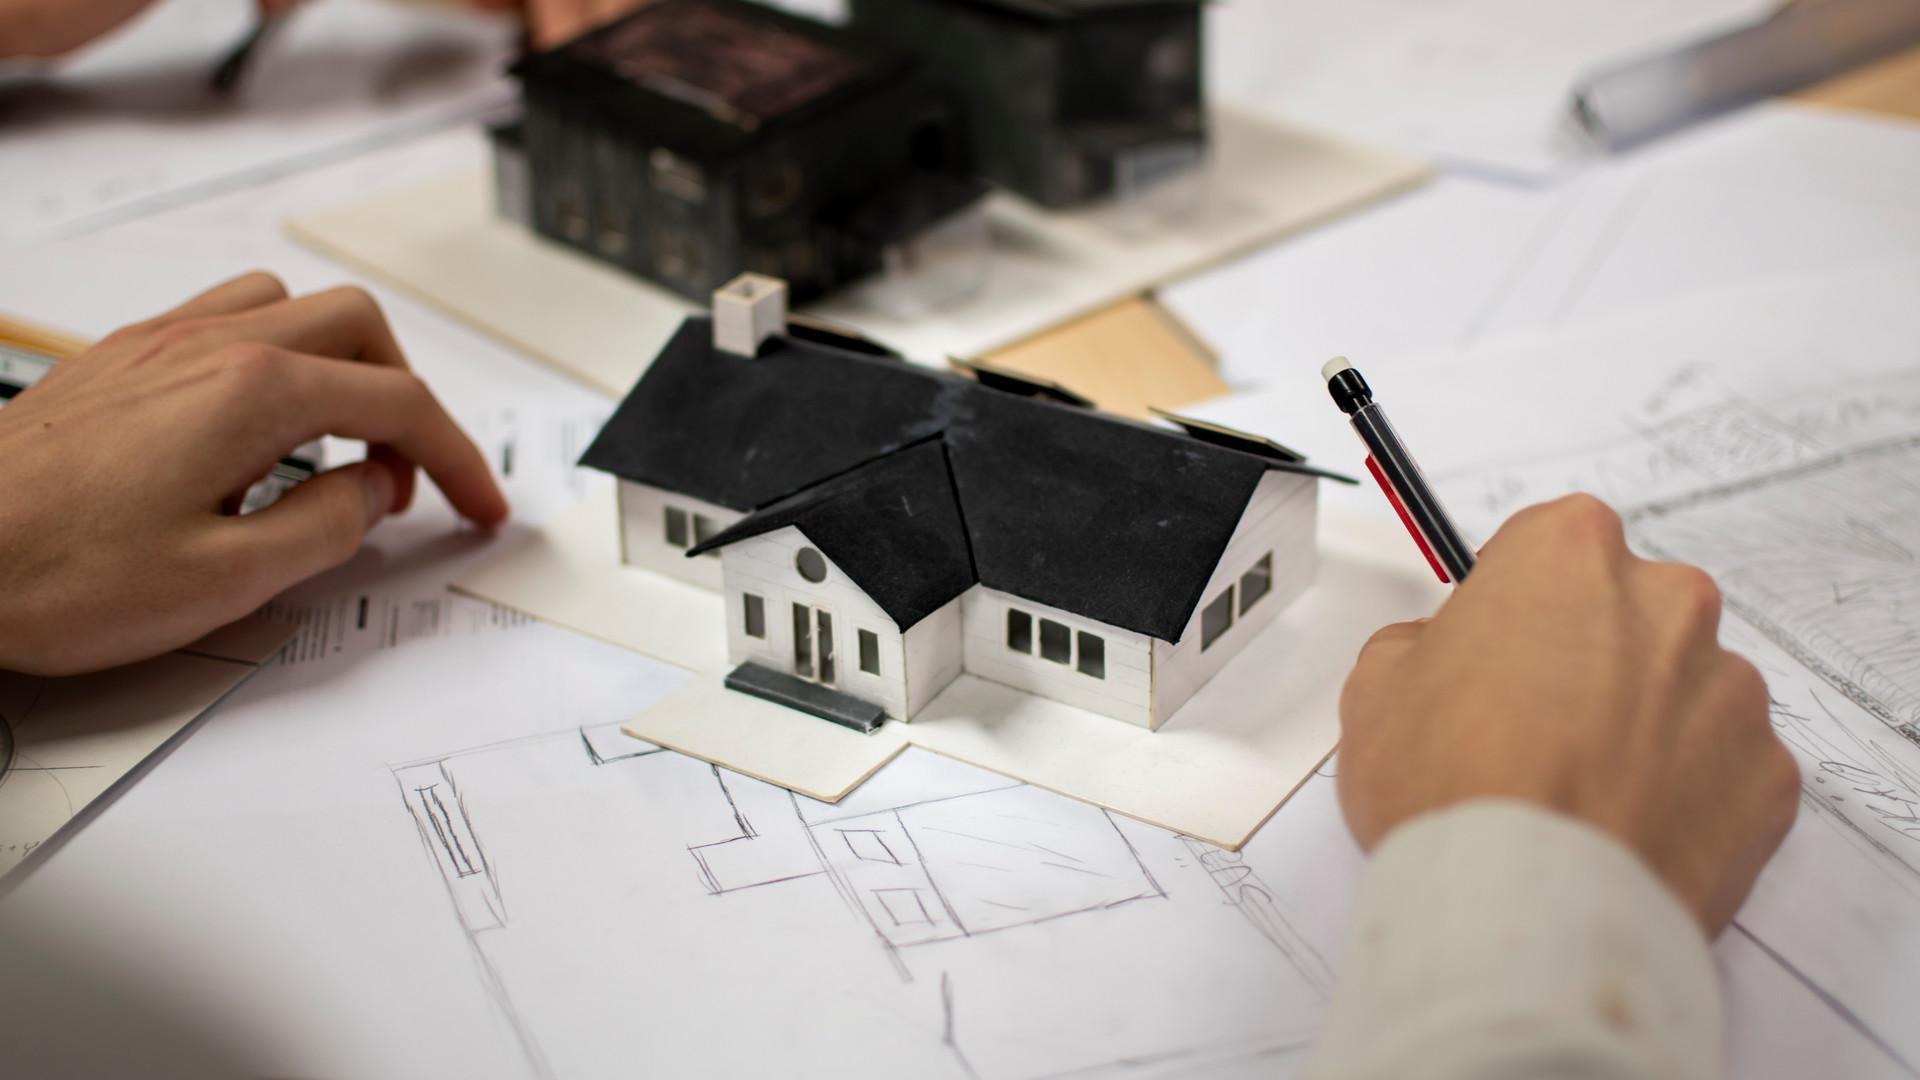 Närbild på arkitekturskisser och en husmodell i papp